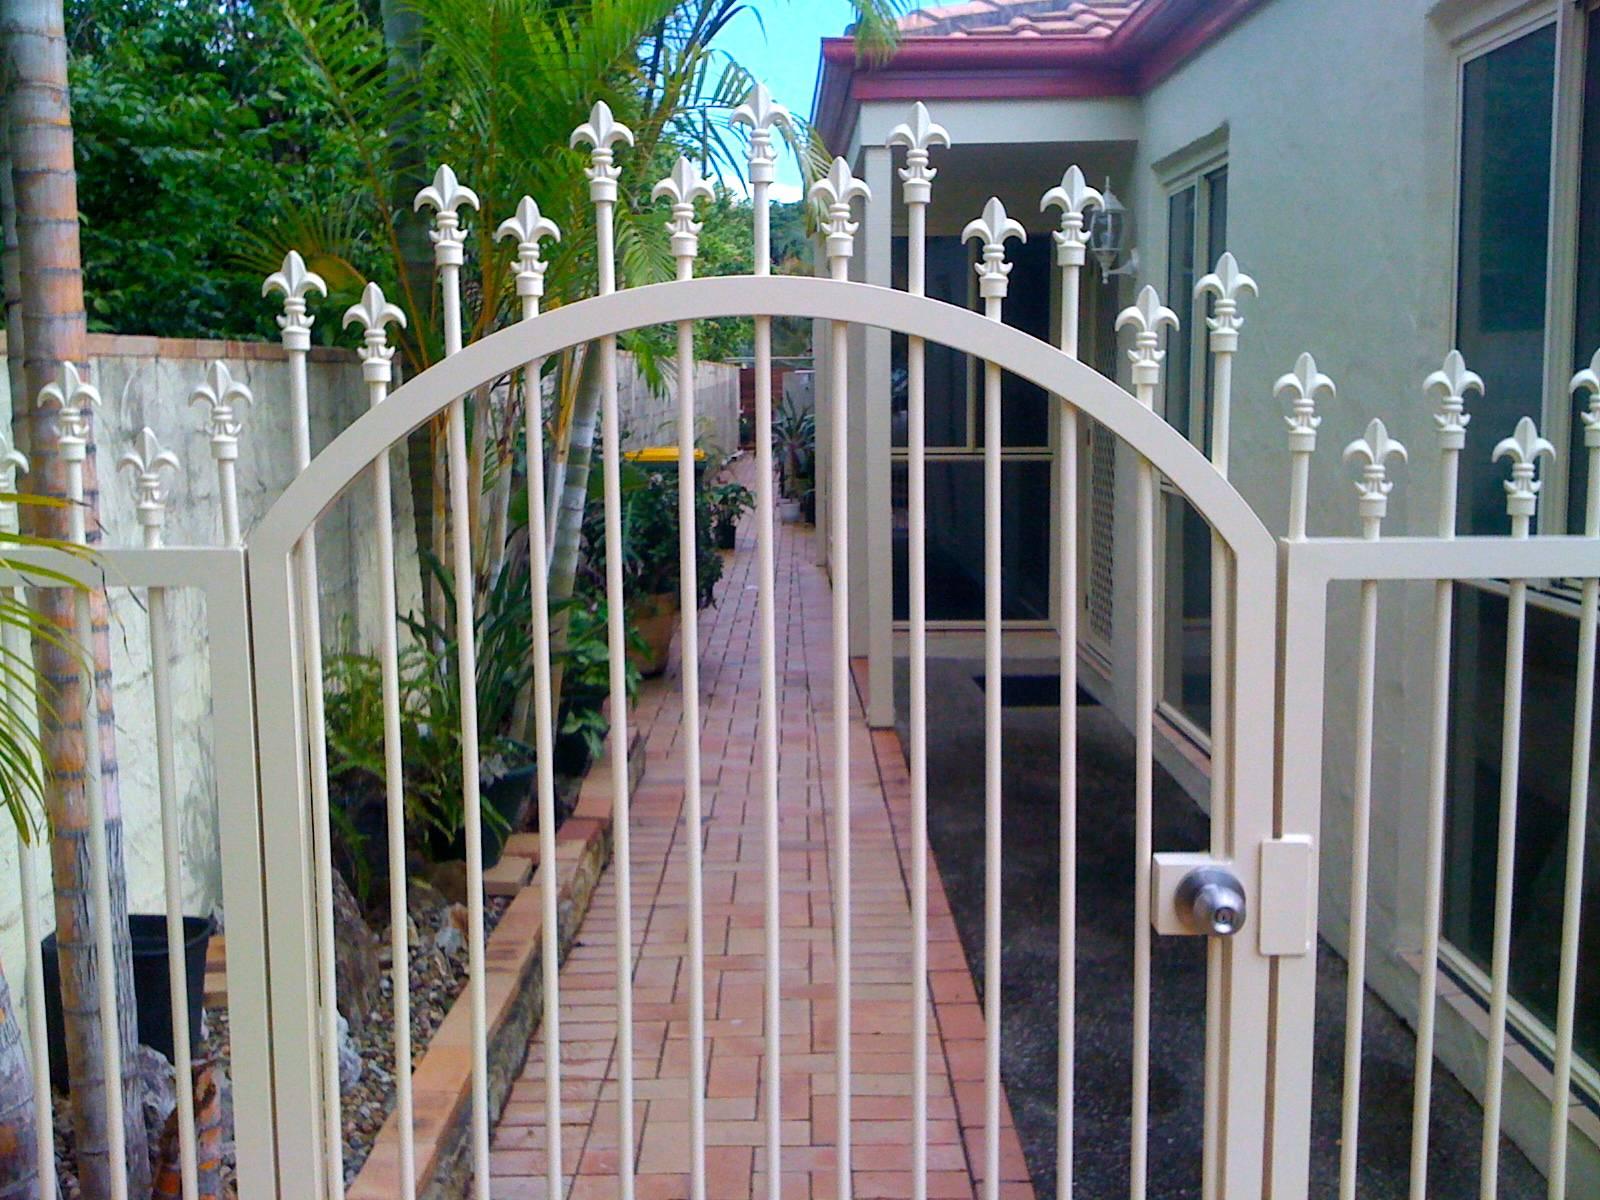 Spear top gate